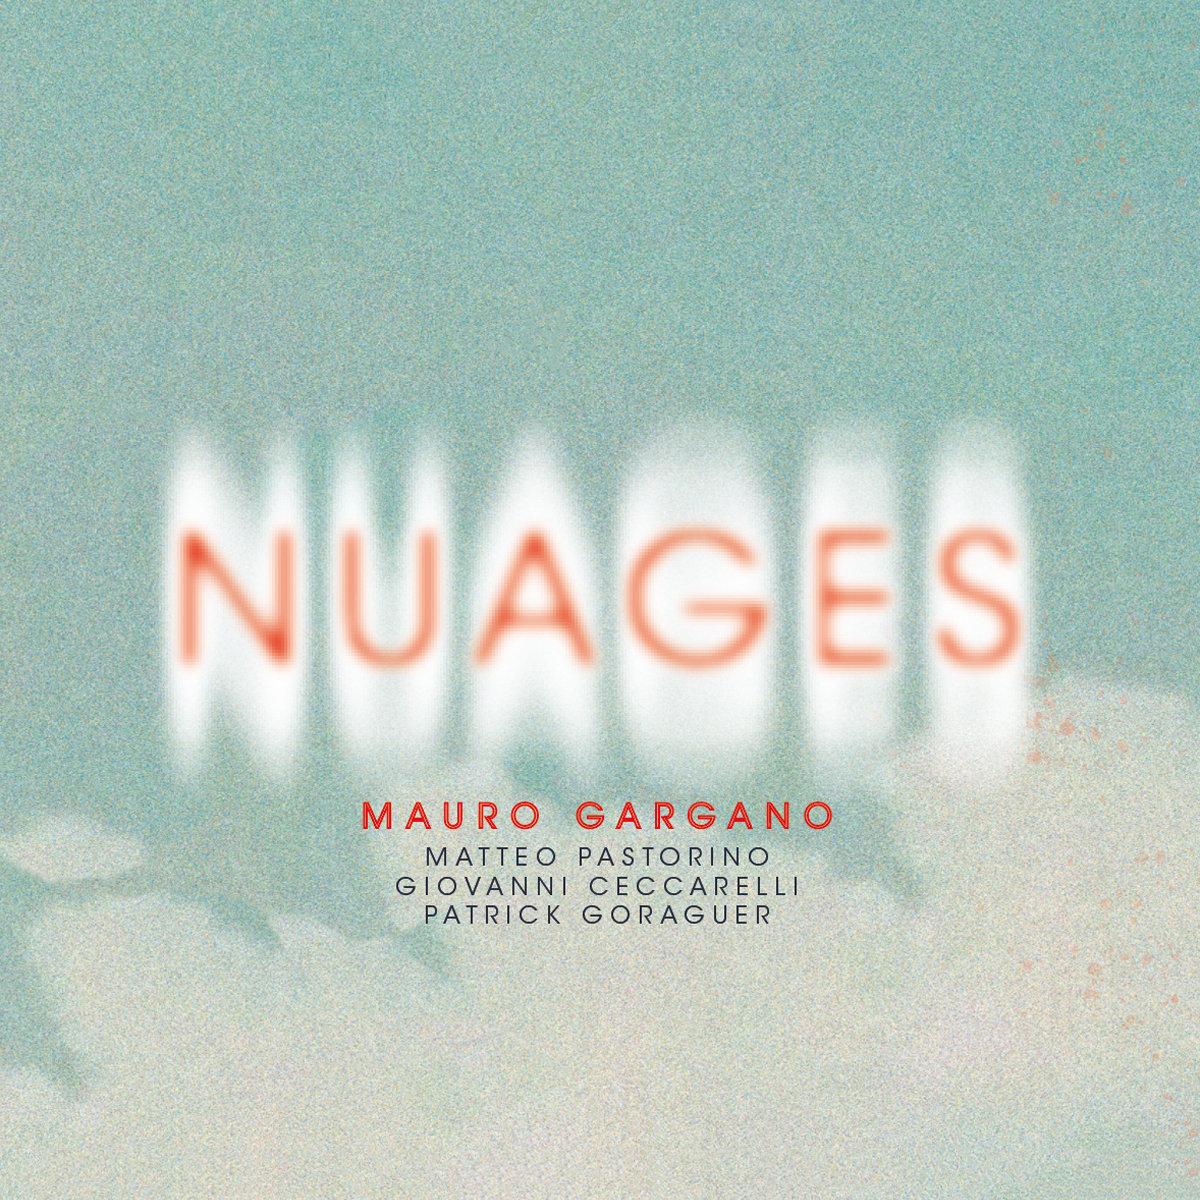 Mauro Gargano - Matteo Pastorino - Gargano-Pastorino Quartet - Nuages - Che cosa sono le nuvole - Pierpaolo Pasolini - 2020 - Sa Scena Sarda